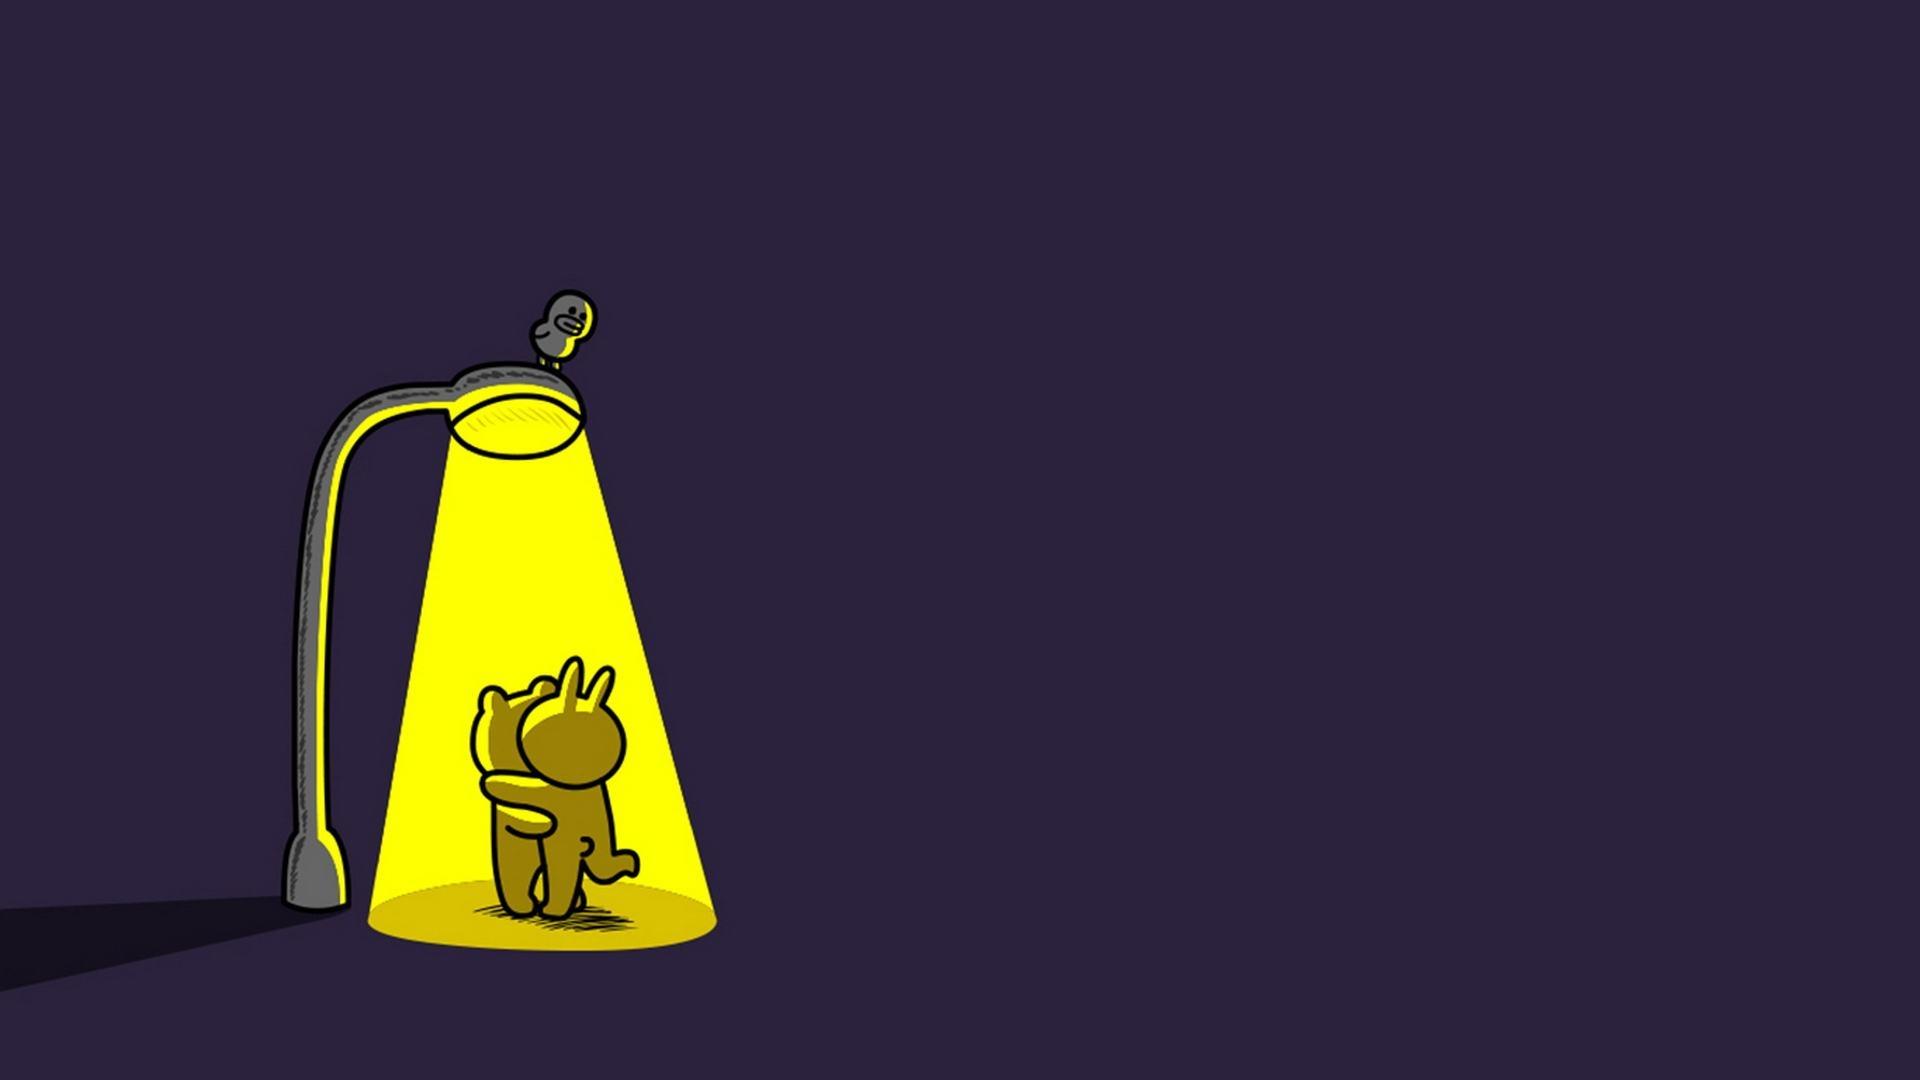 布朗熊和可妮兔桌面_布朗熊与可妮兔壁纸【6】布朗熊与可妮兔壁纸图片_桌面壁纸图片 ...